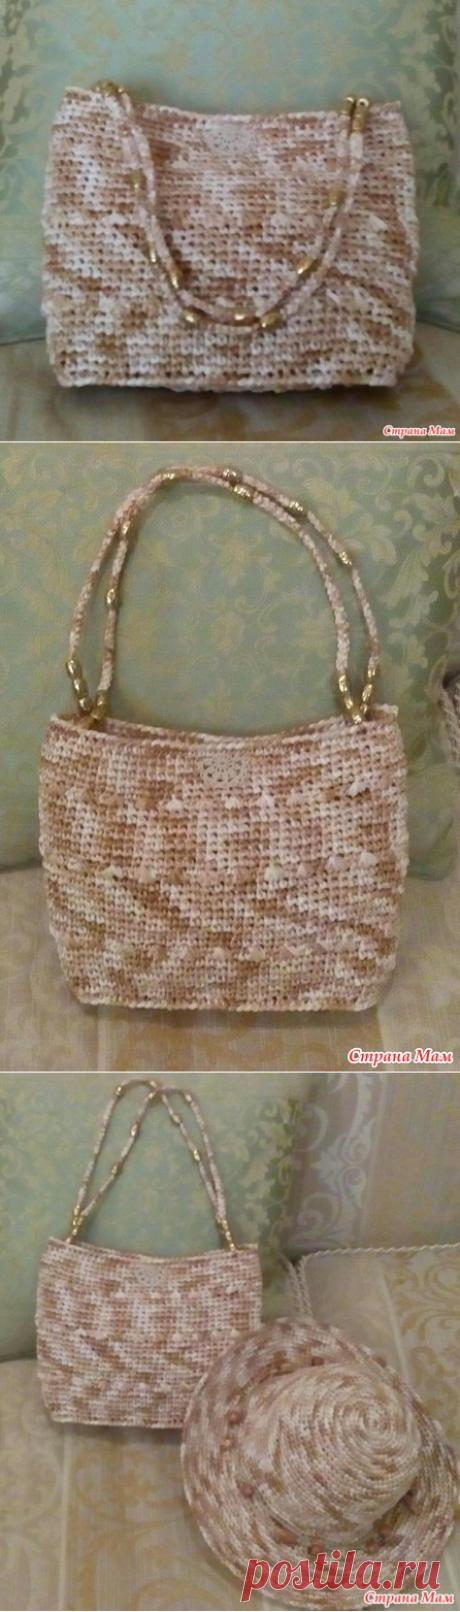 be5959e9f003 пляжная сумочка крючком - Вязание - Страна Мам